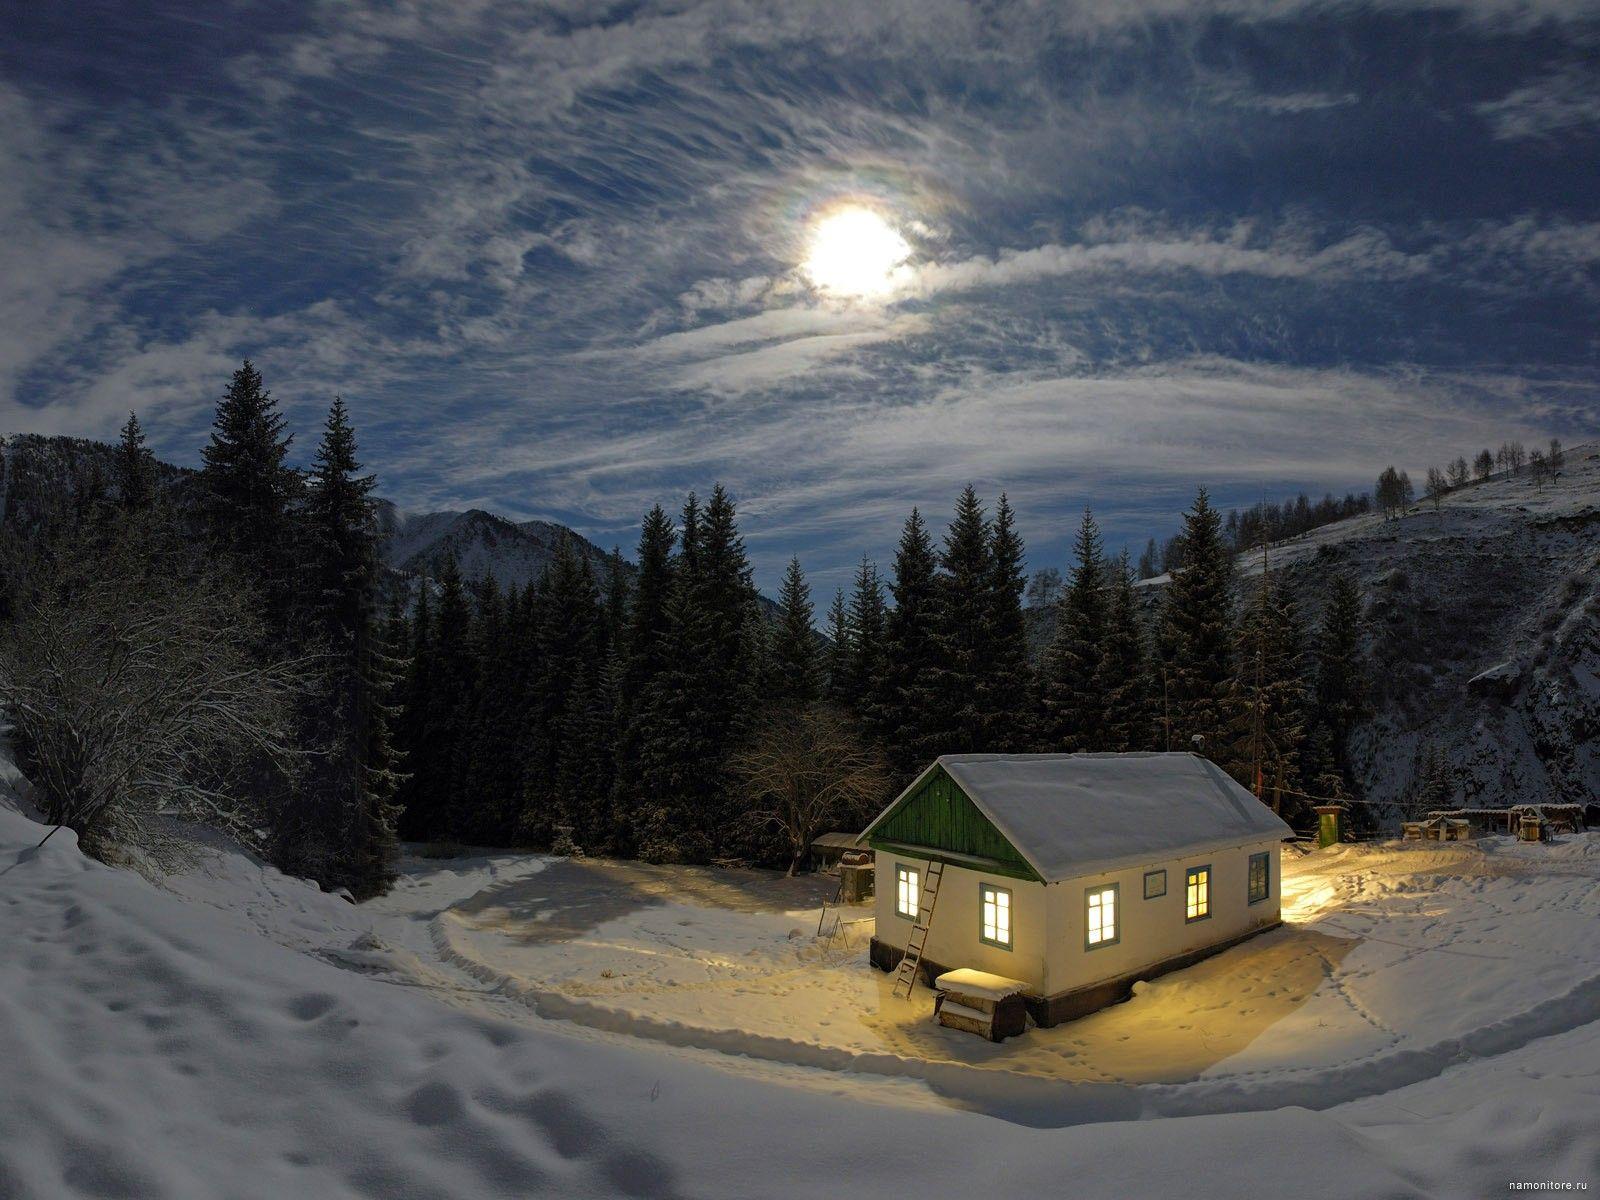 Зимняя ночь, зима, лес, лучшее, ночь, пейзажи, природа ...